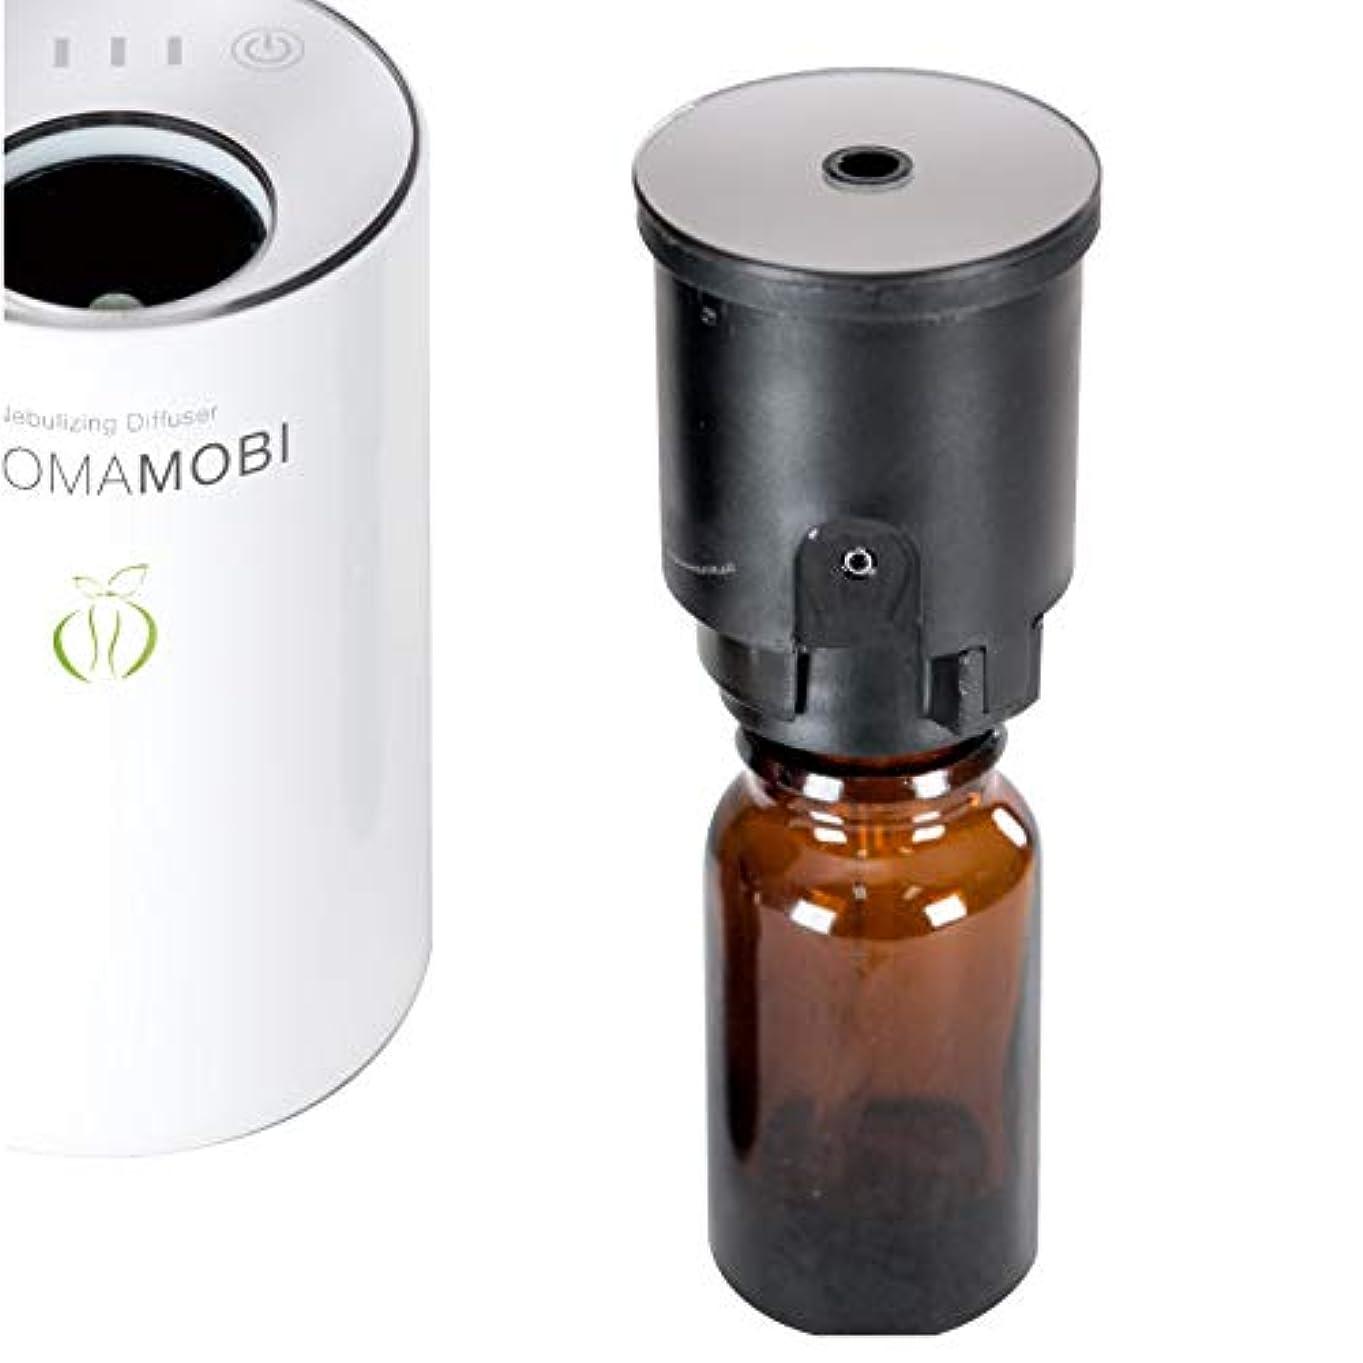 マントル持つ才能funks アロマモビ 専用 交換用 ノズル ボトルセット aromamobi アロマディフューザー